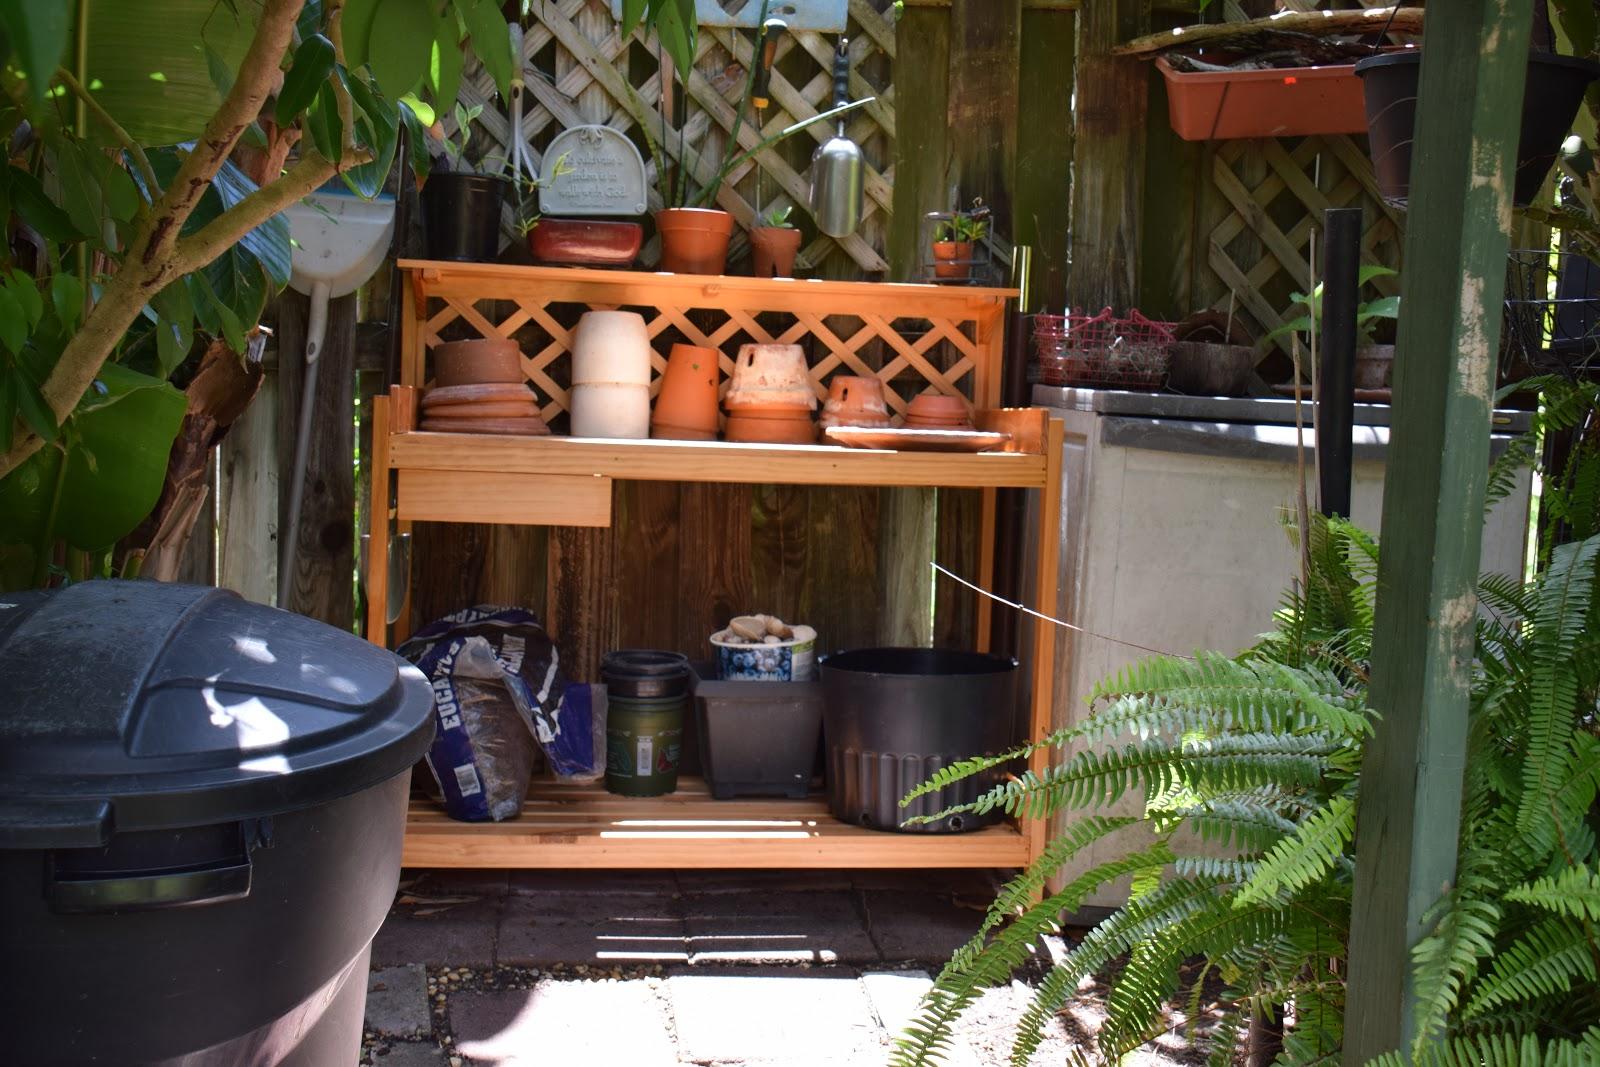 Man Cave Urban Garden : Dragonfly garden